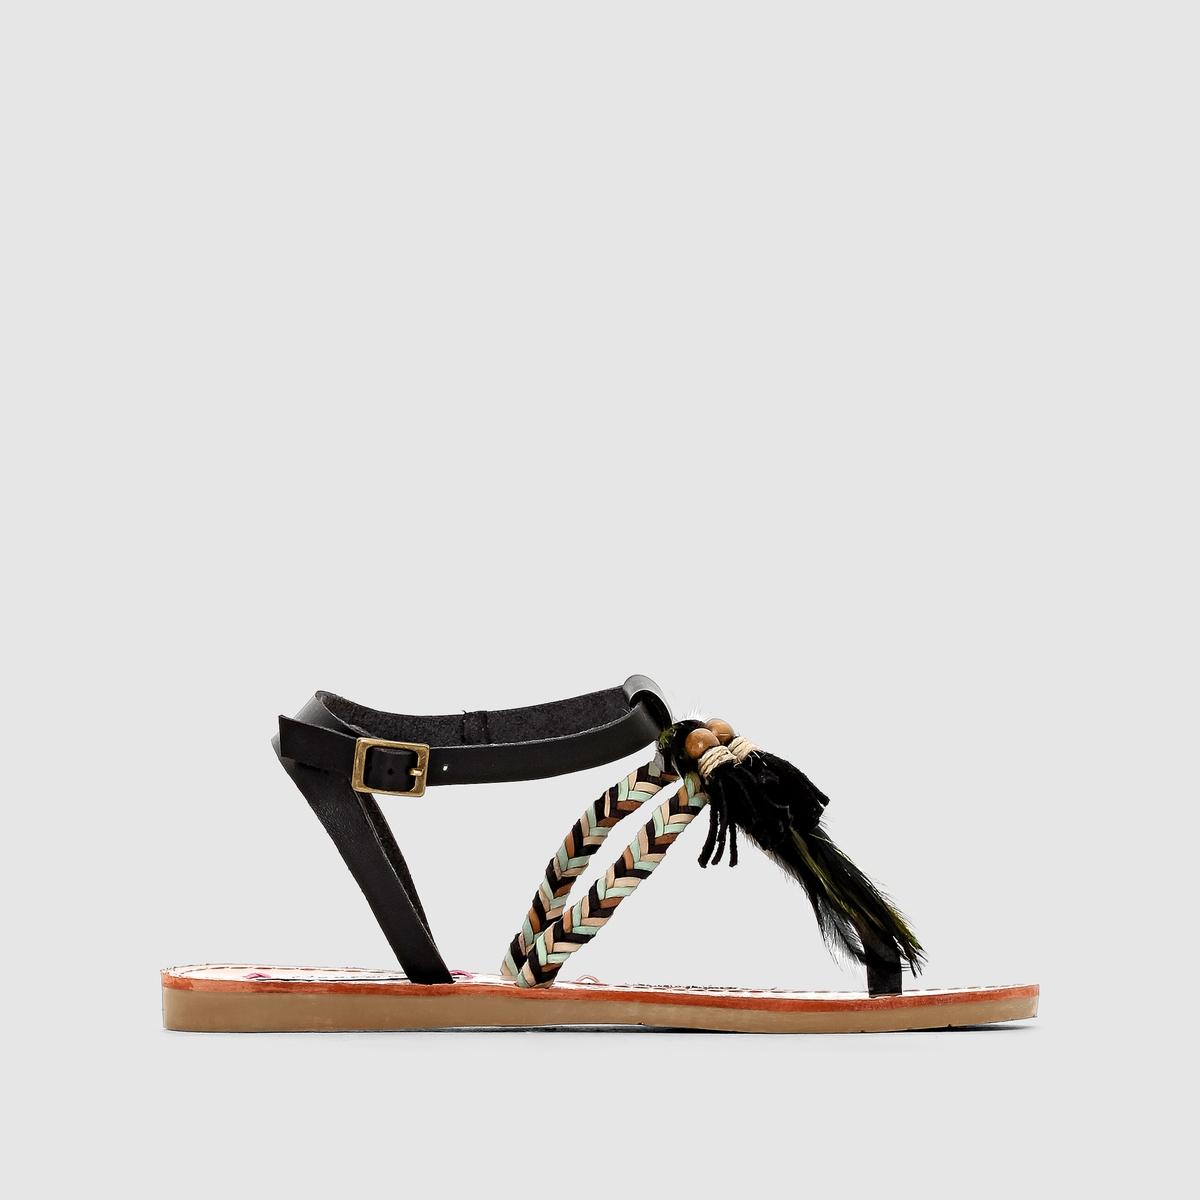 Сандалии с перемычкой между пальцами, на плоском каблуке, MELROSE цены онлайн